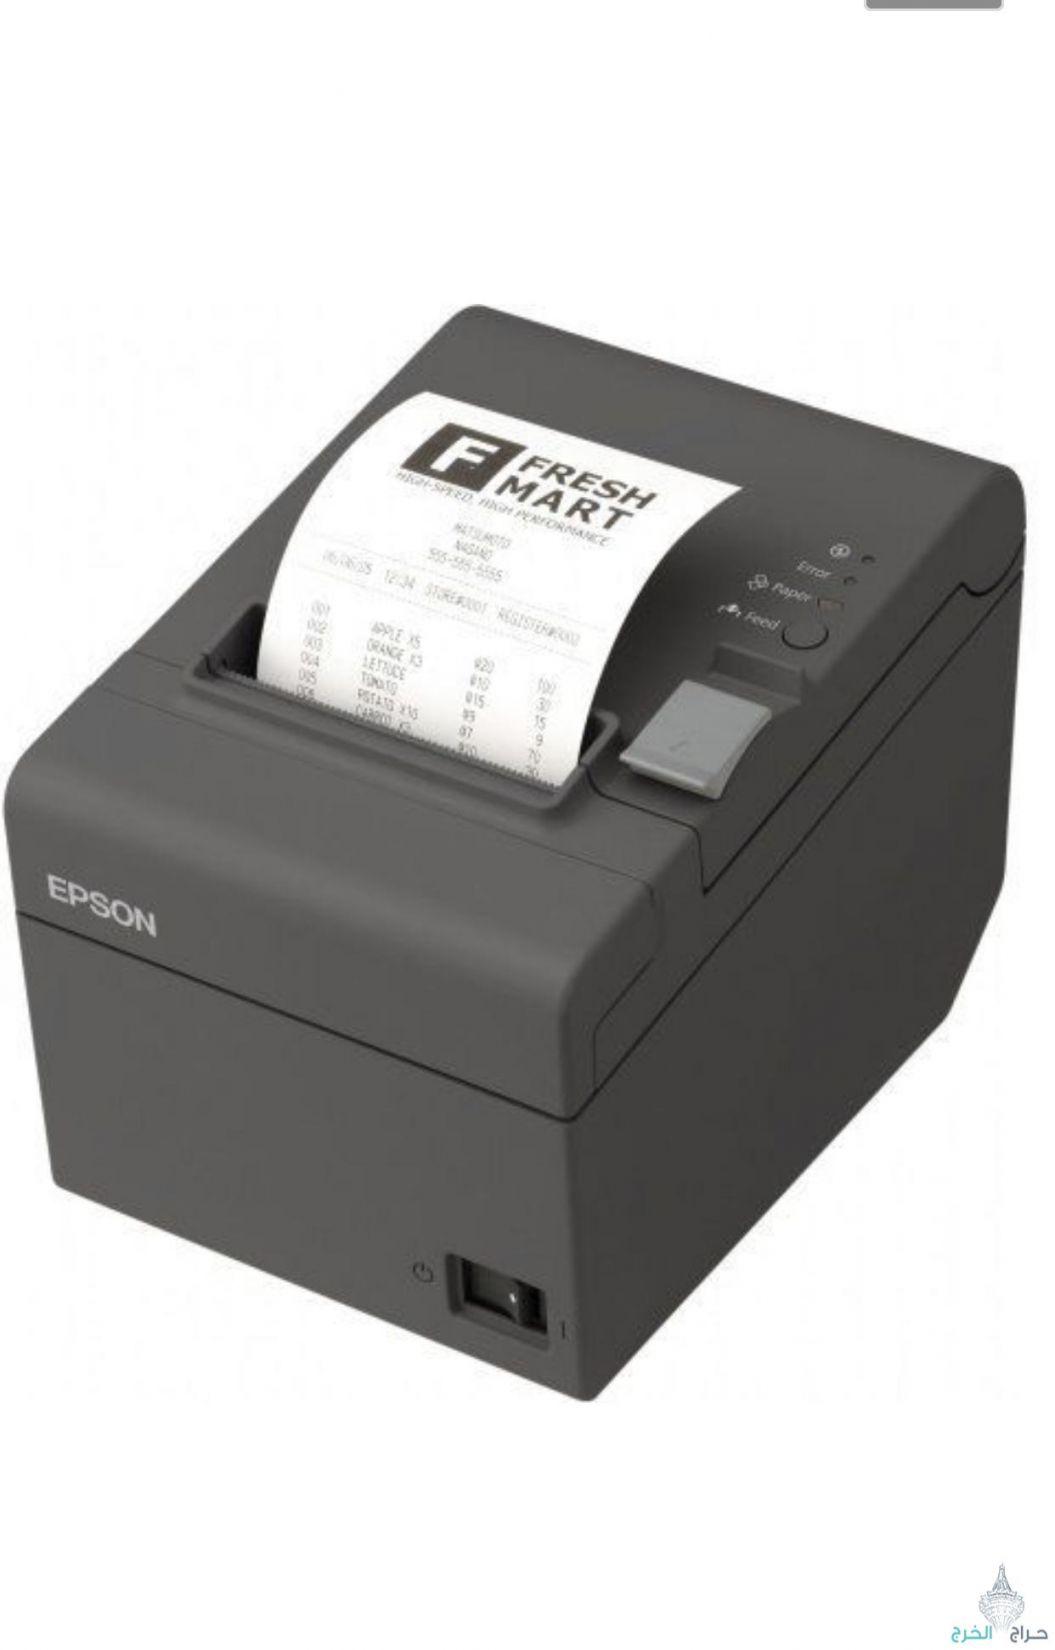 جهاز كاشير + برنامج محاسبي